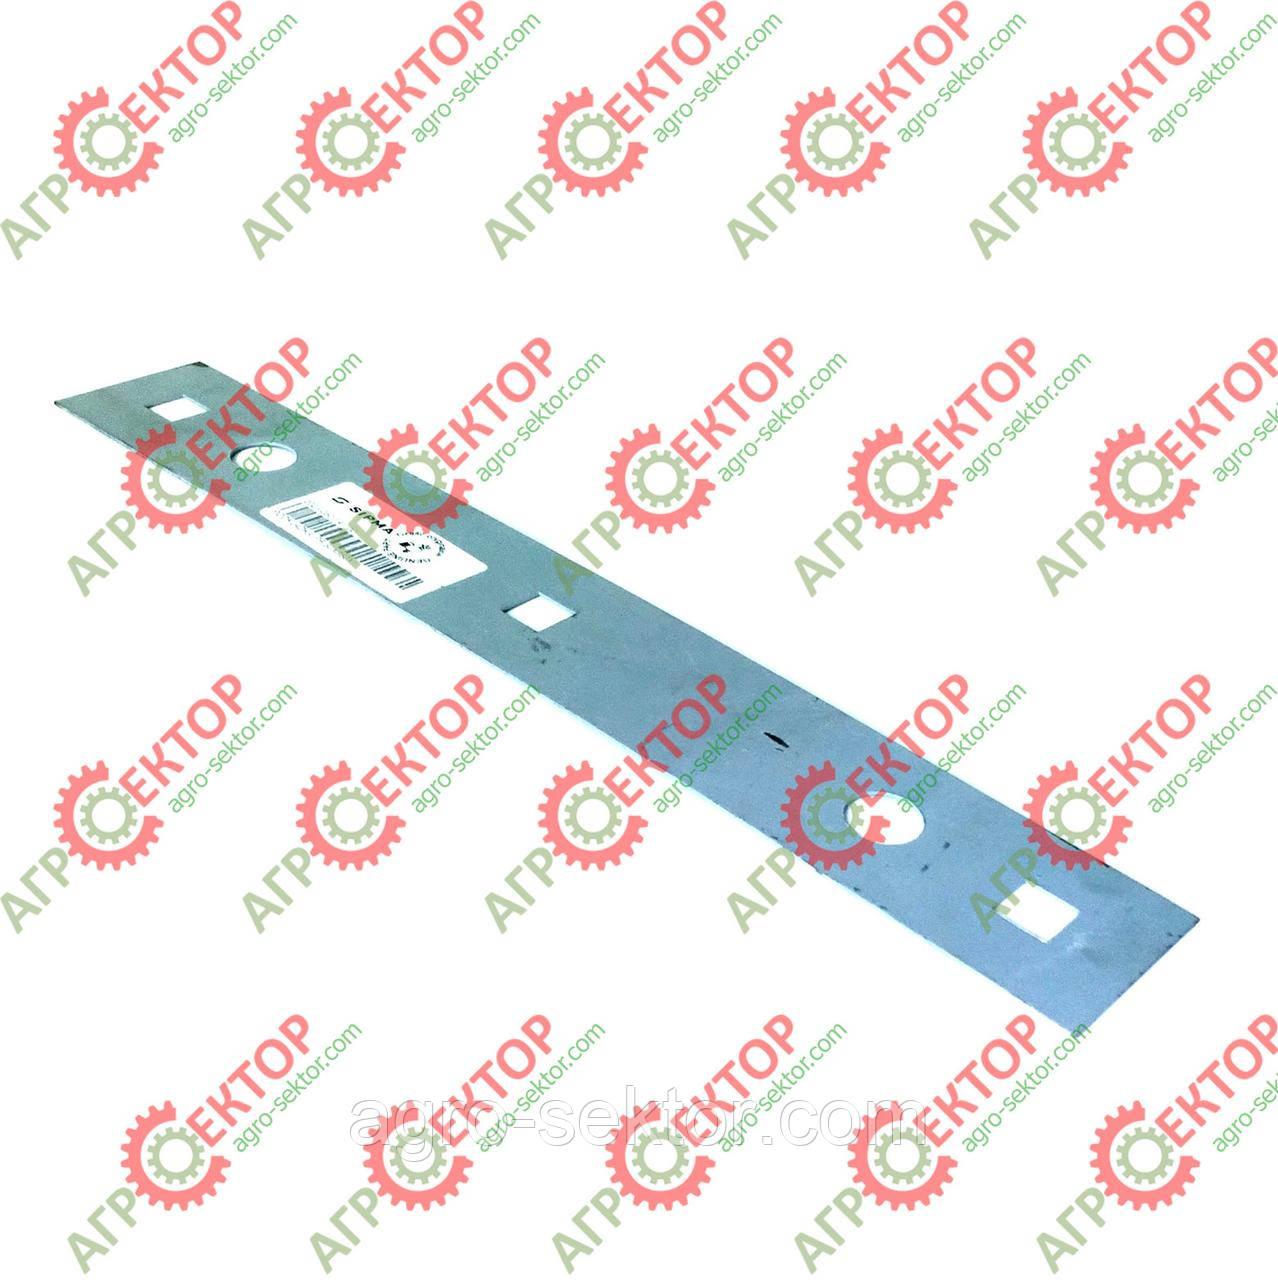 Прокладка ножа камери пресування нерухомого на прес-підбирач Sipma Z-224 2023-050-142.00 2023-050-141.00